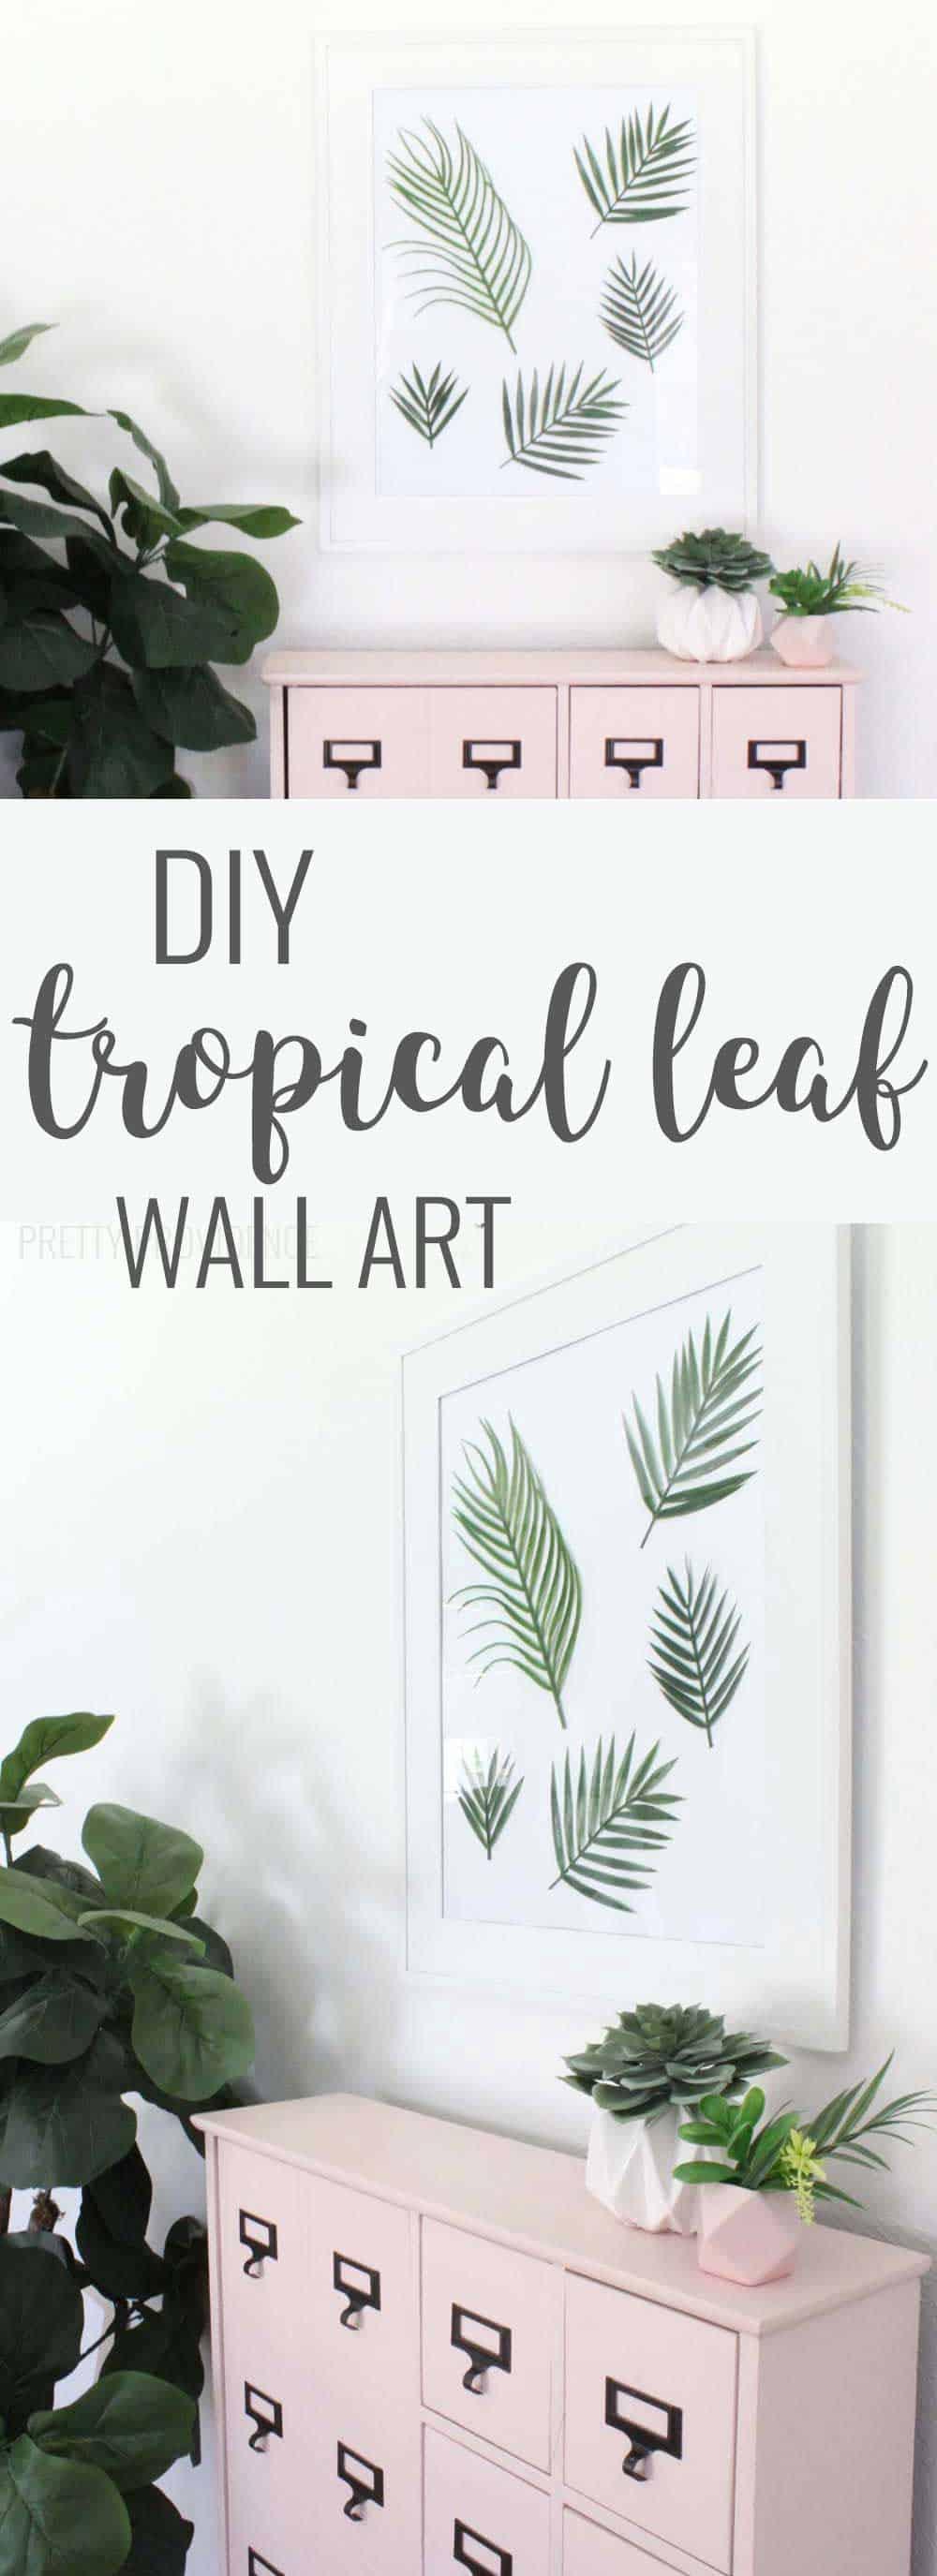 tropical-leaf-wall-art-pin